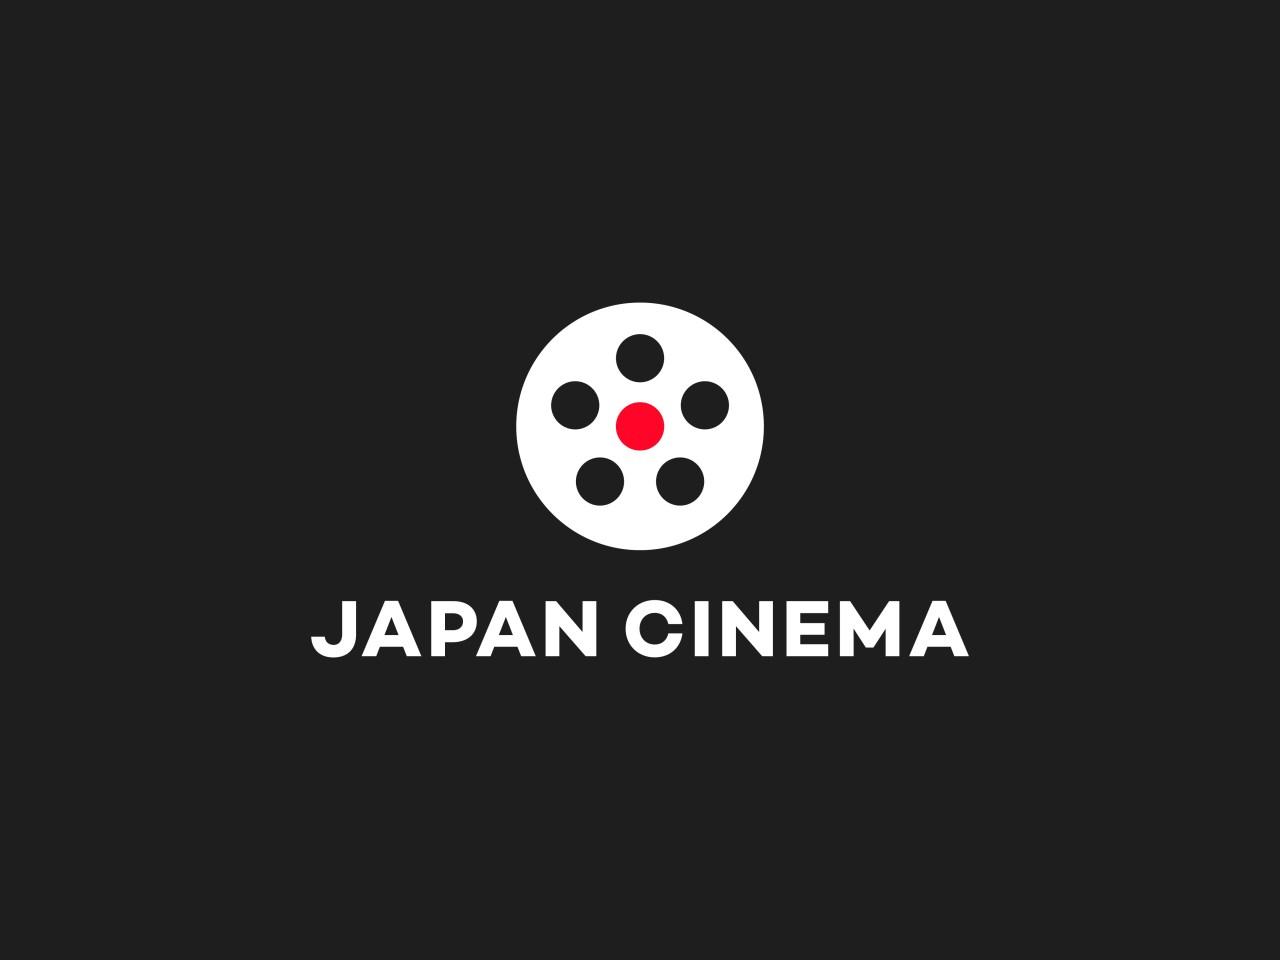 Film Reel + Japan Color by Josmen